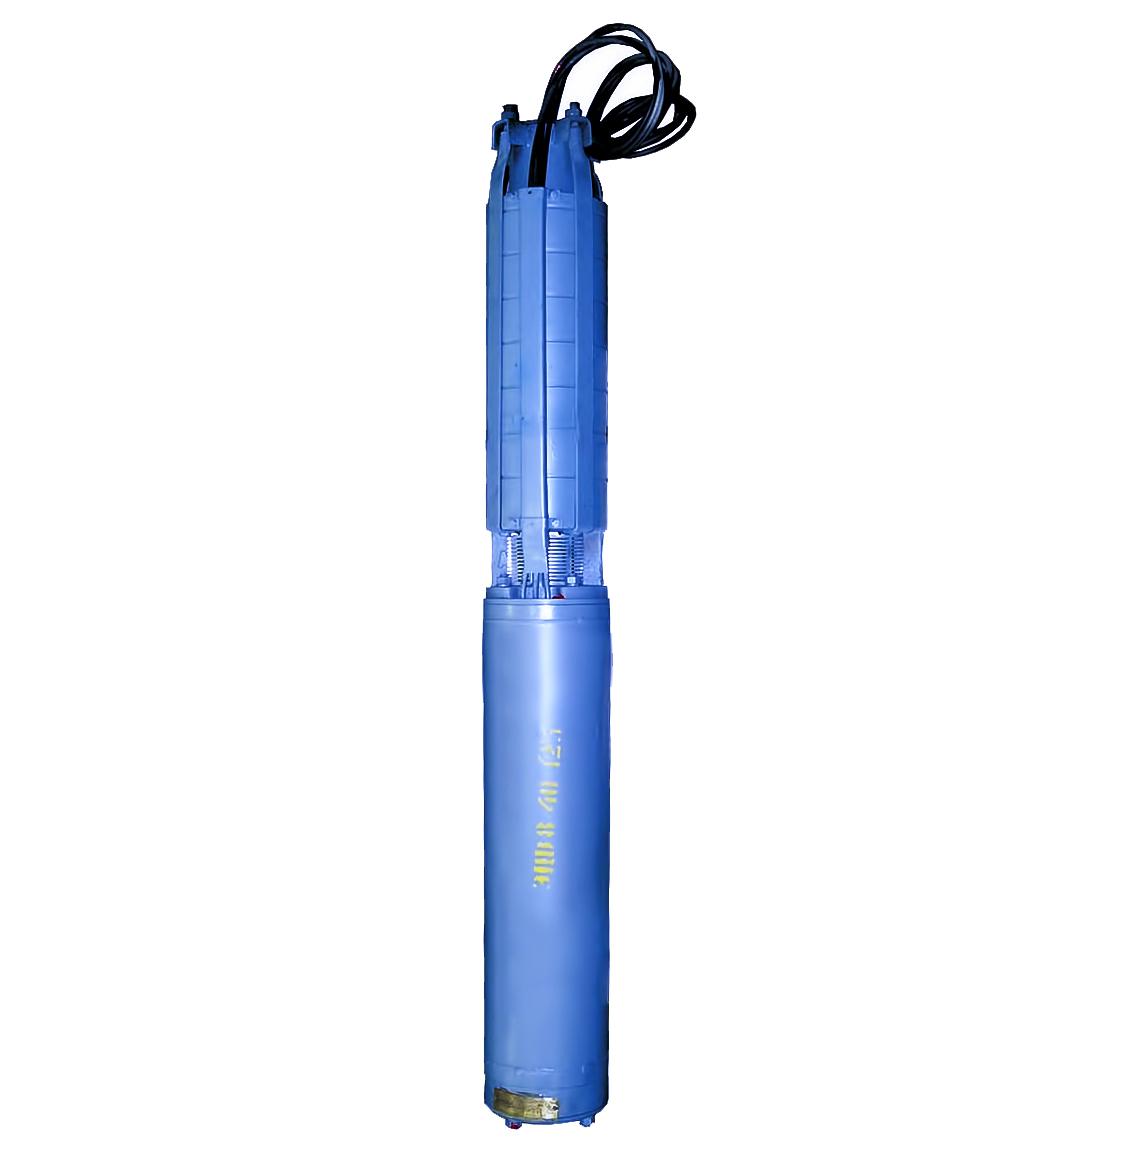 Пластины теплообменника Funke FP 300 Черкесск Уплотнения теплообменника Sondex S65 Чайковский